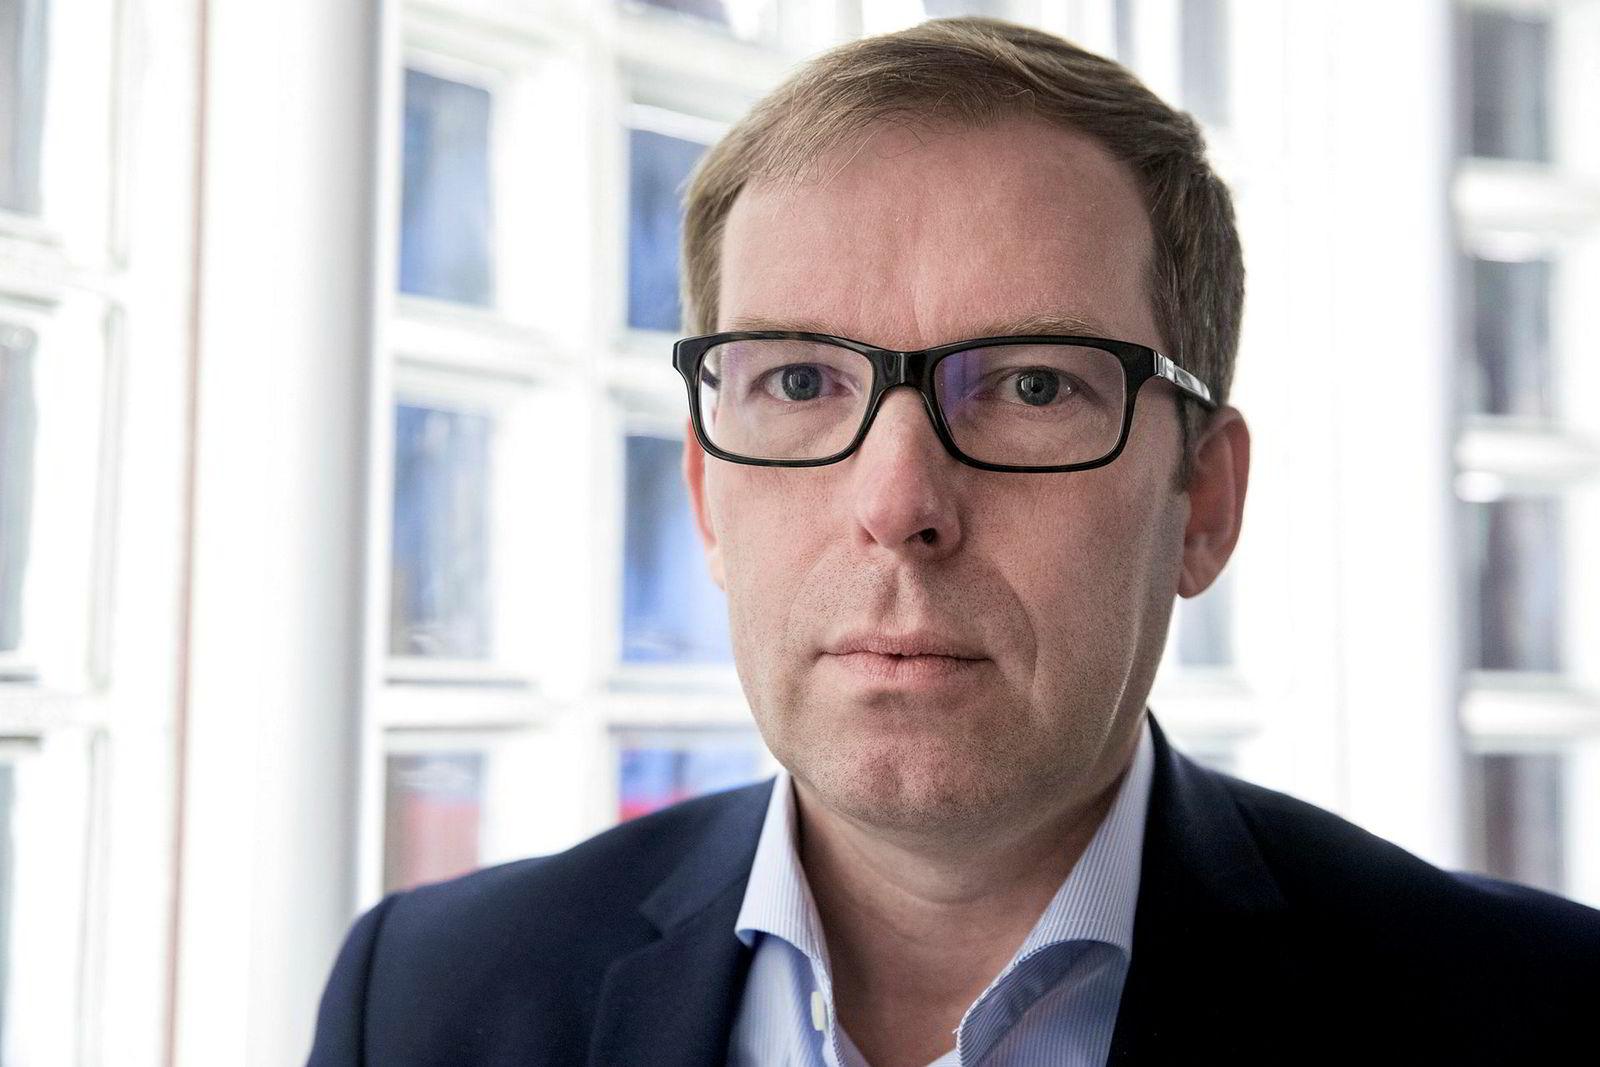 – Så forventer vi at de søker ledige stillinger etter hvert som de dukker opp, sier Innovasjon Norge-sjef Håkon Haugli.